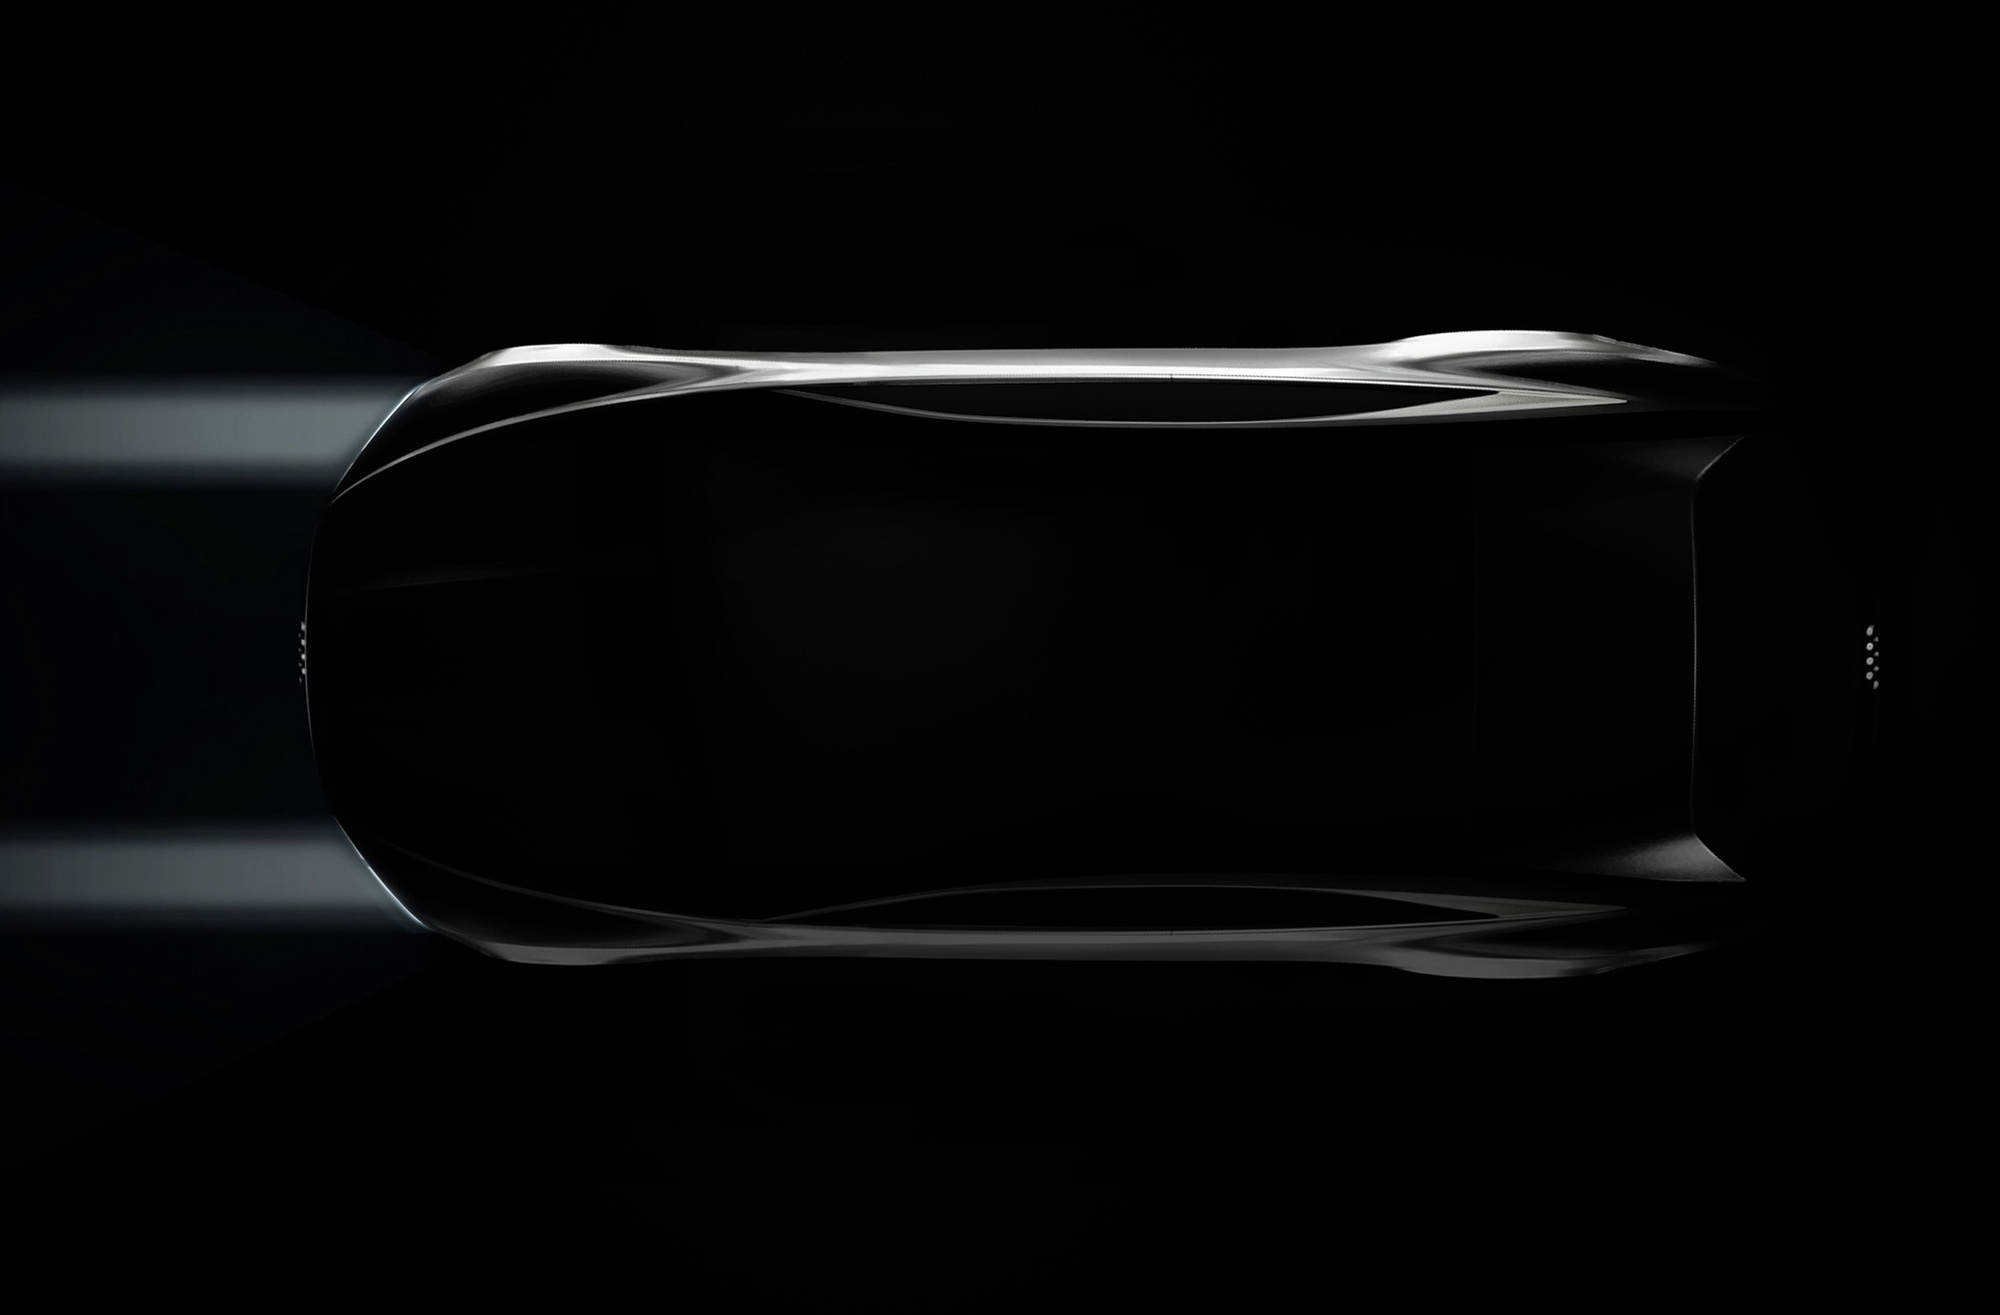 Audi Showcar - Die Vier-Ringe-Marke bekommt ein neues Gesicht